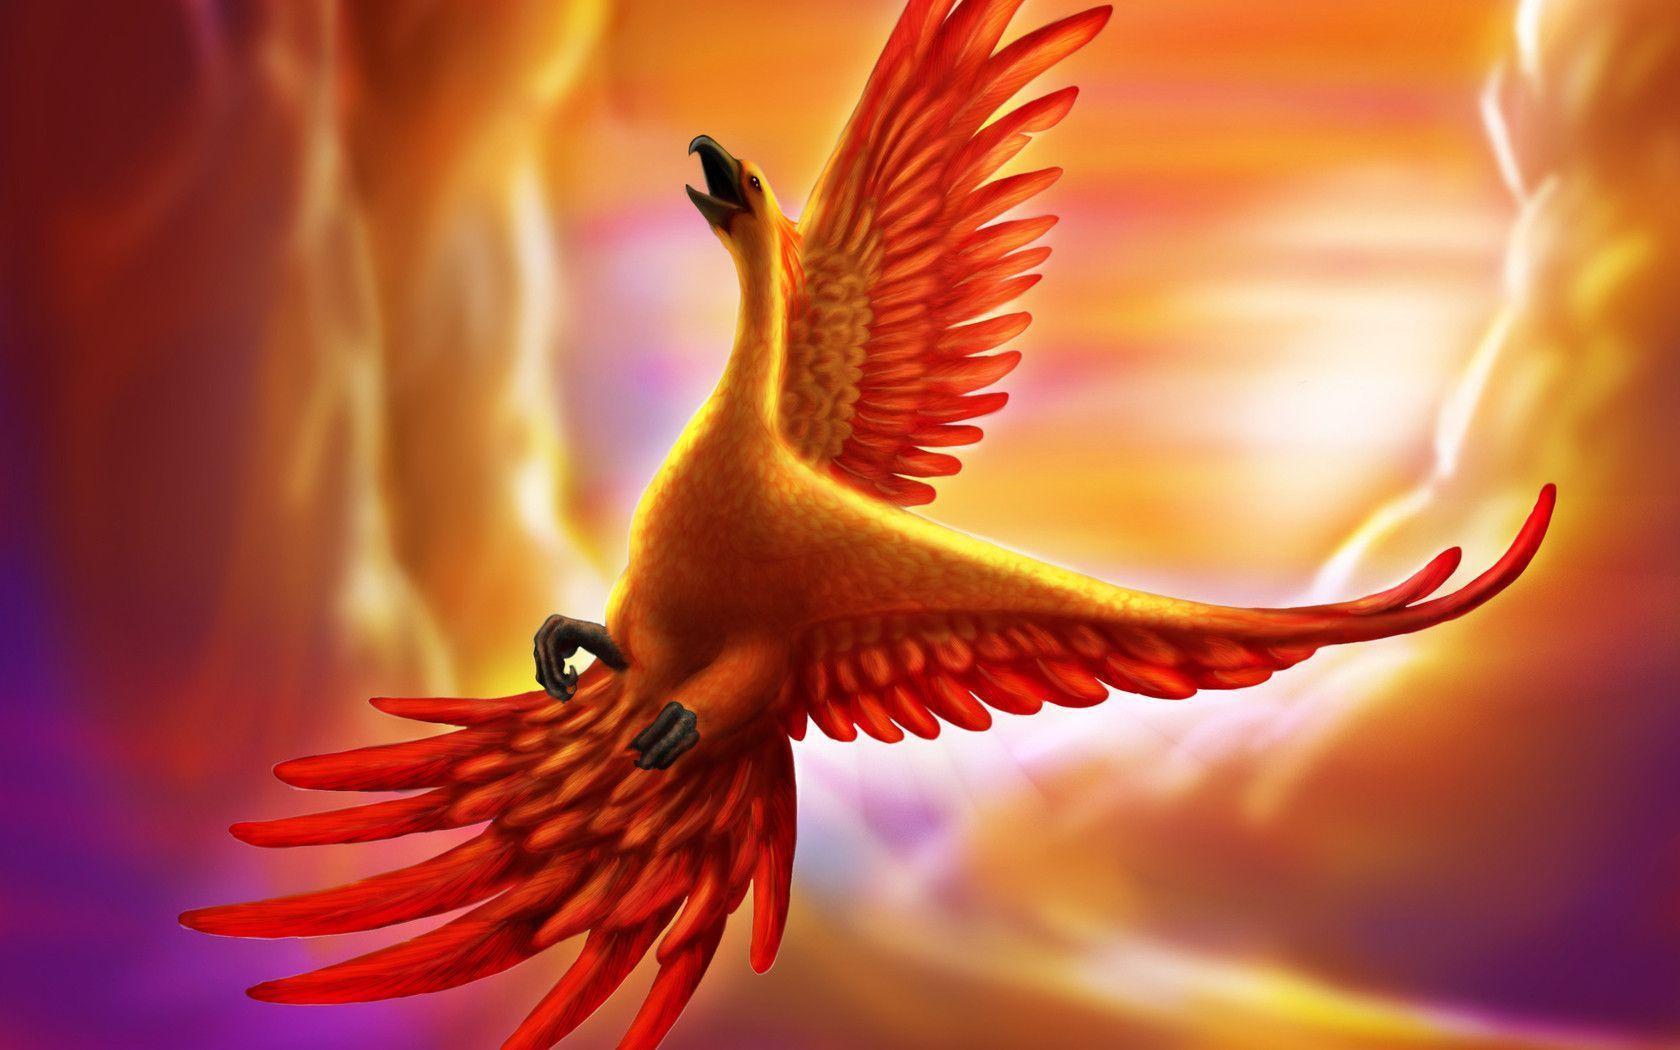 phoenix bird wallpapers wallpaper cave